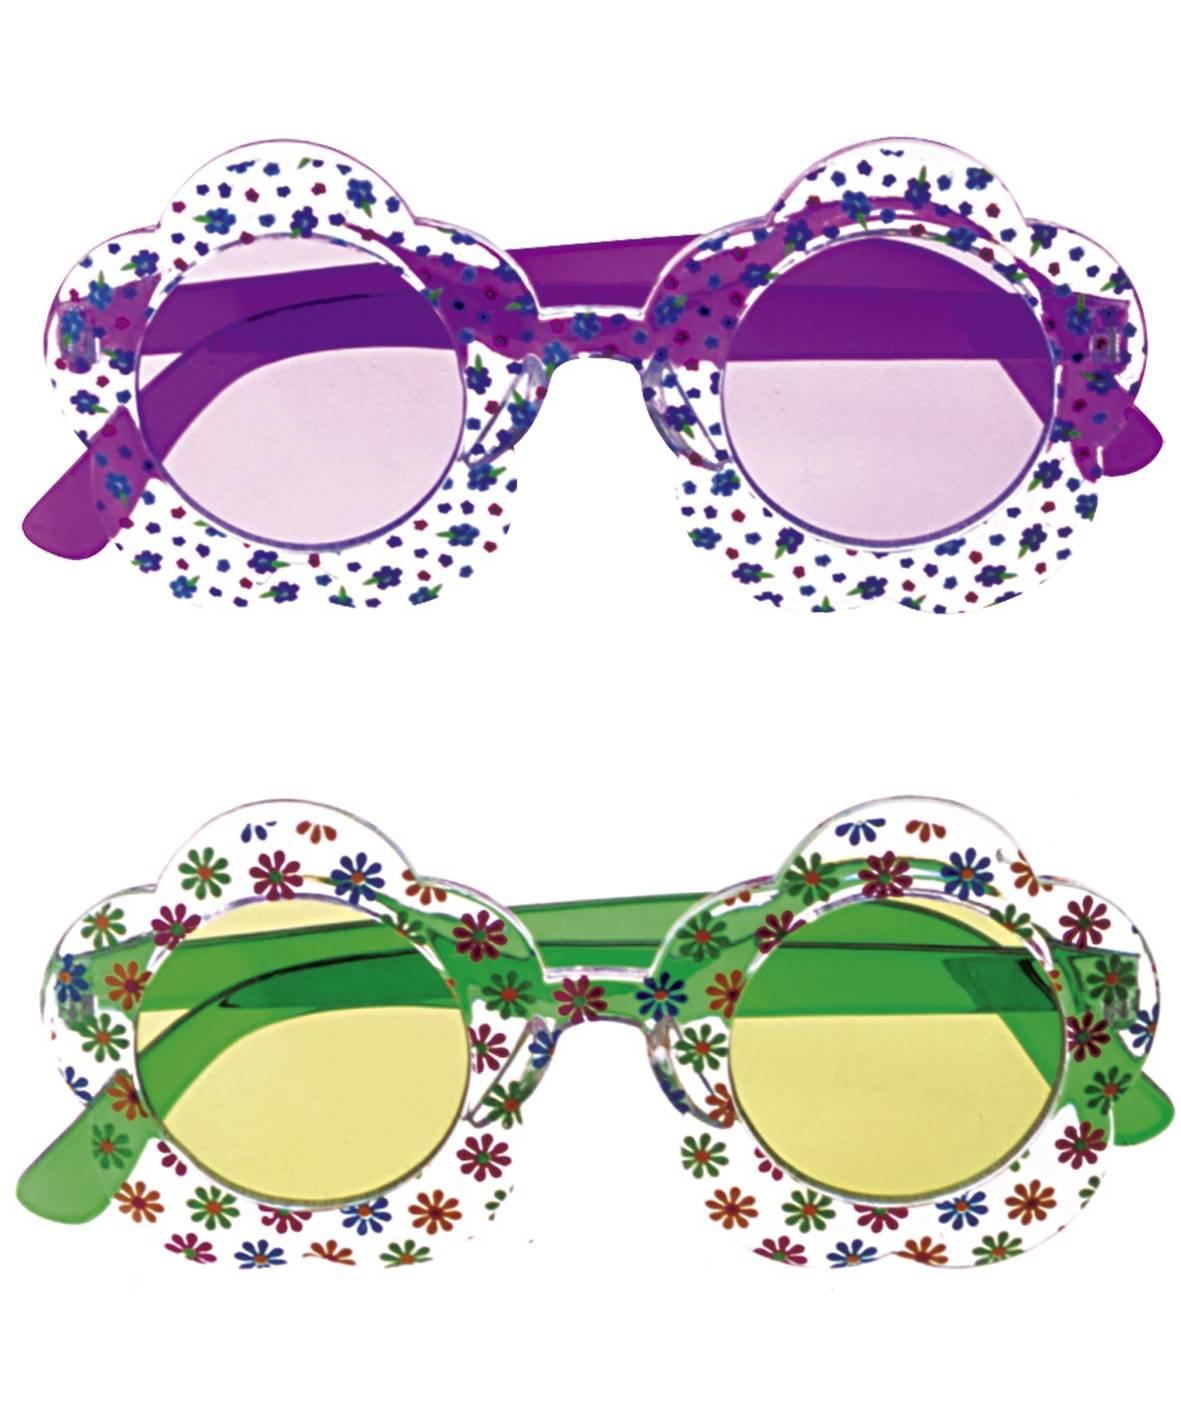 Lunettes-Hippie-Flower-3